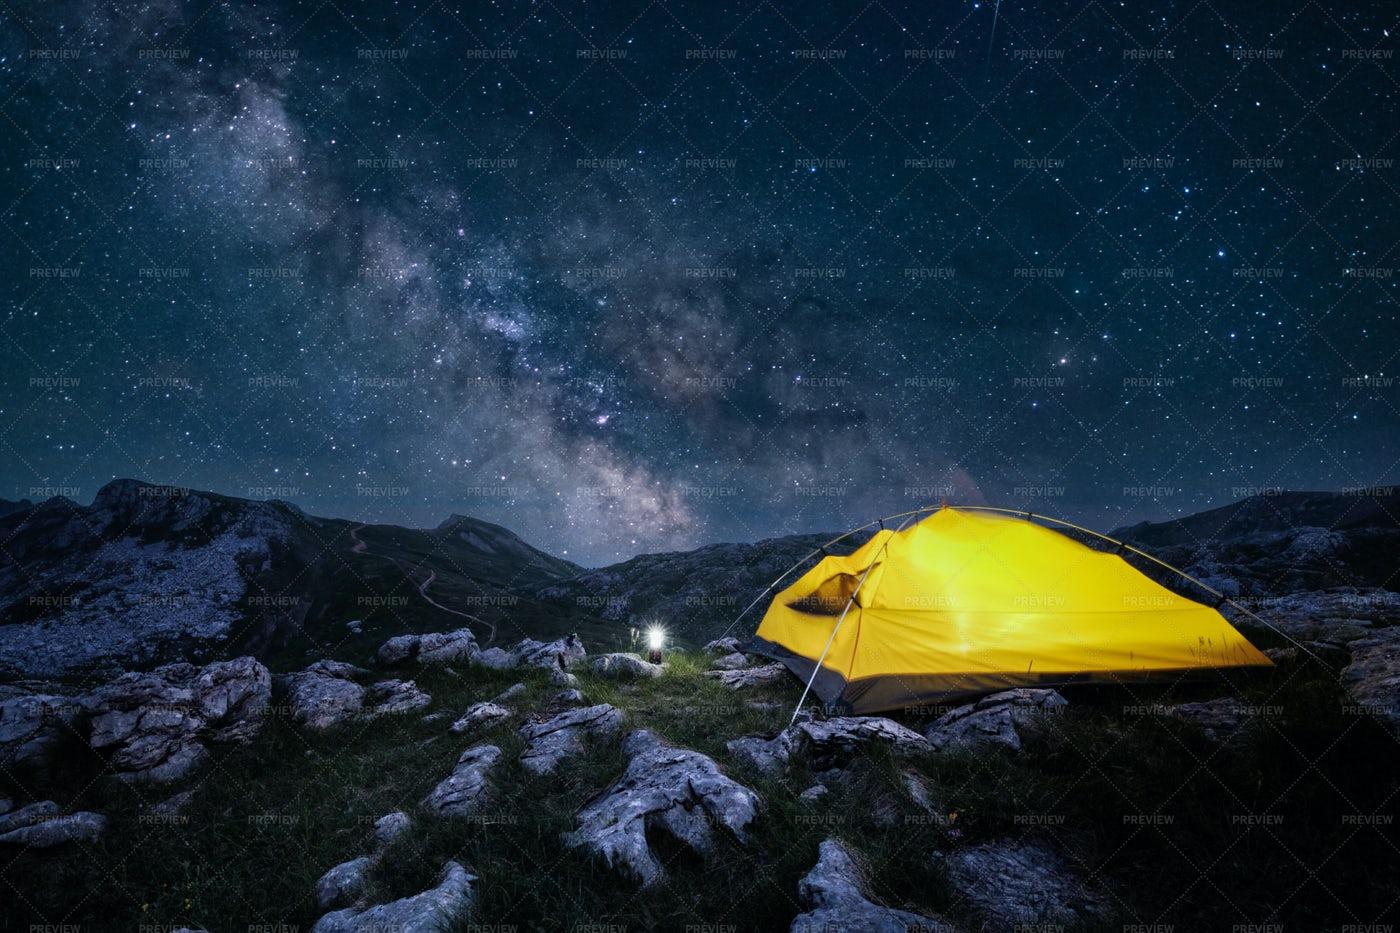 Yellow Tent At Night: Stock Photos